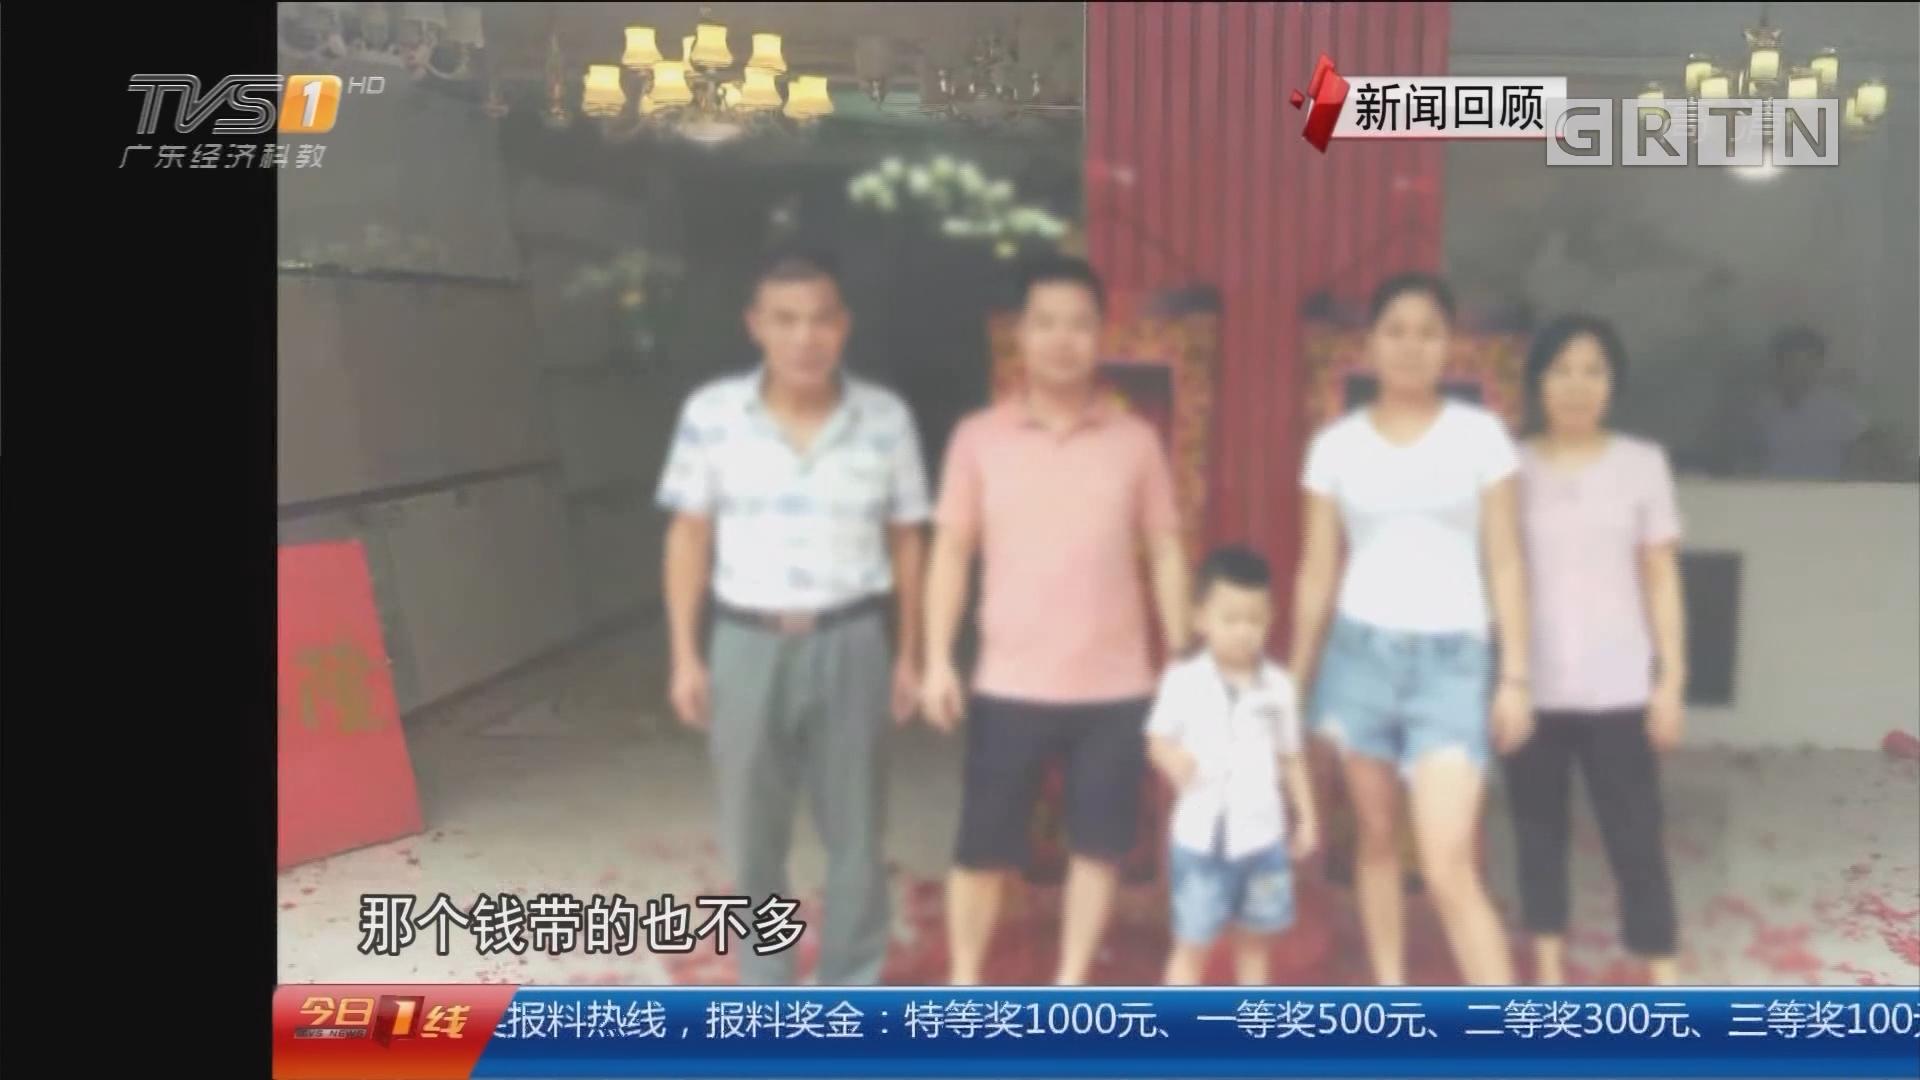 广州白云区:走失老人现身街头 幸被热心保安发现